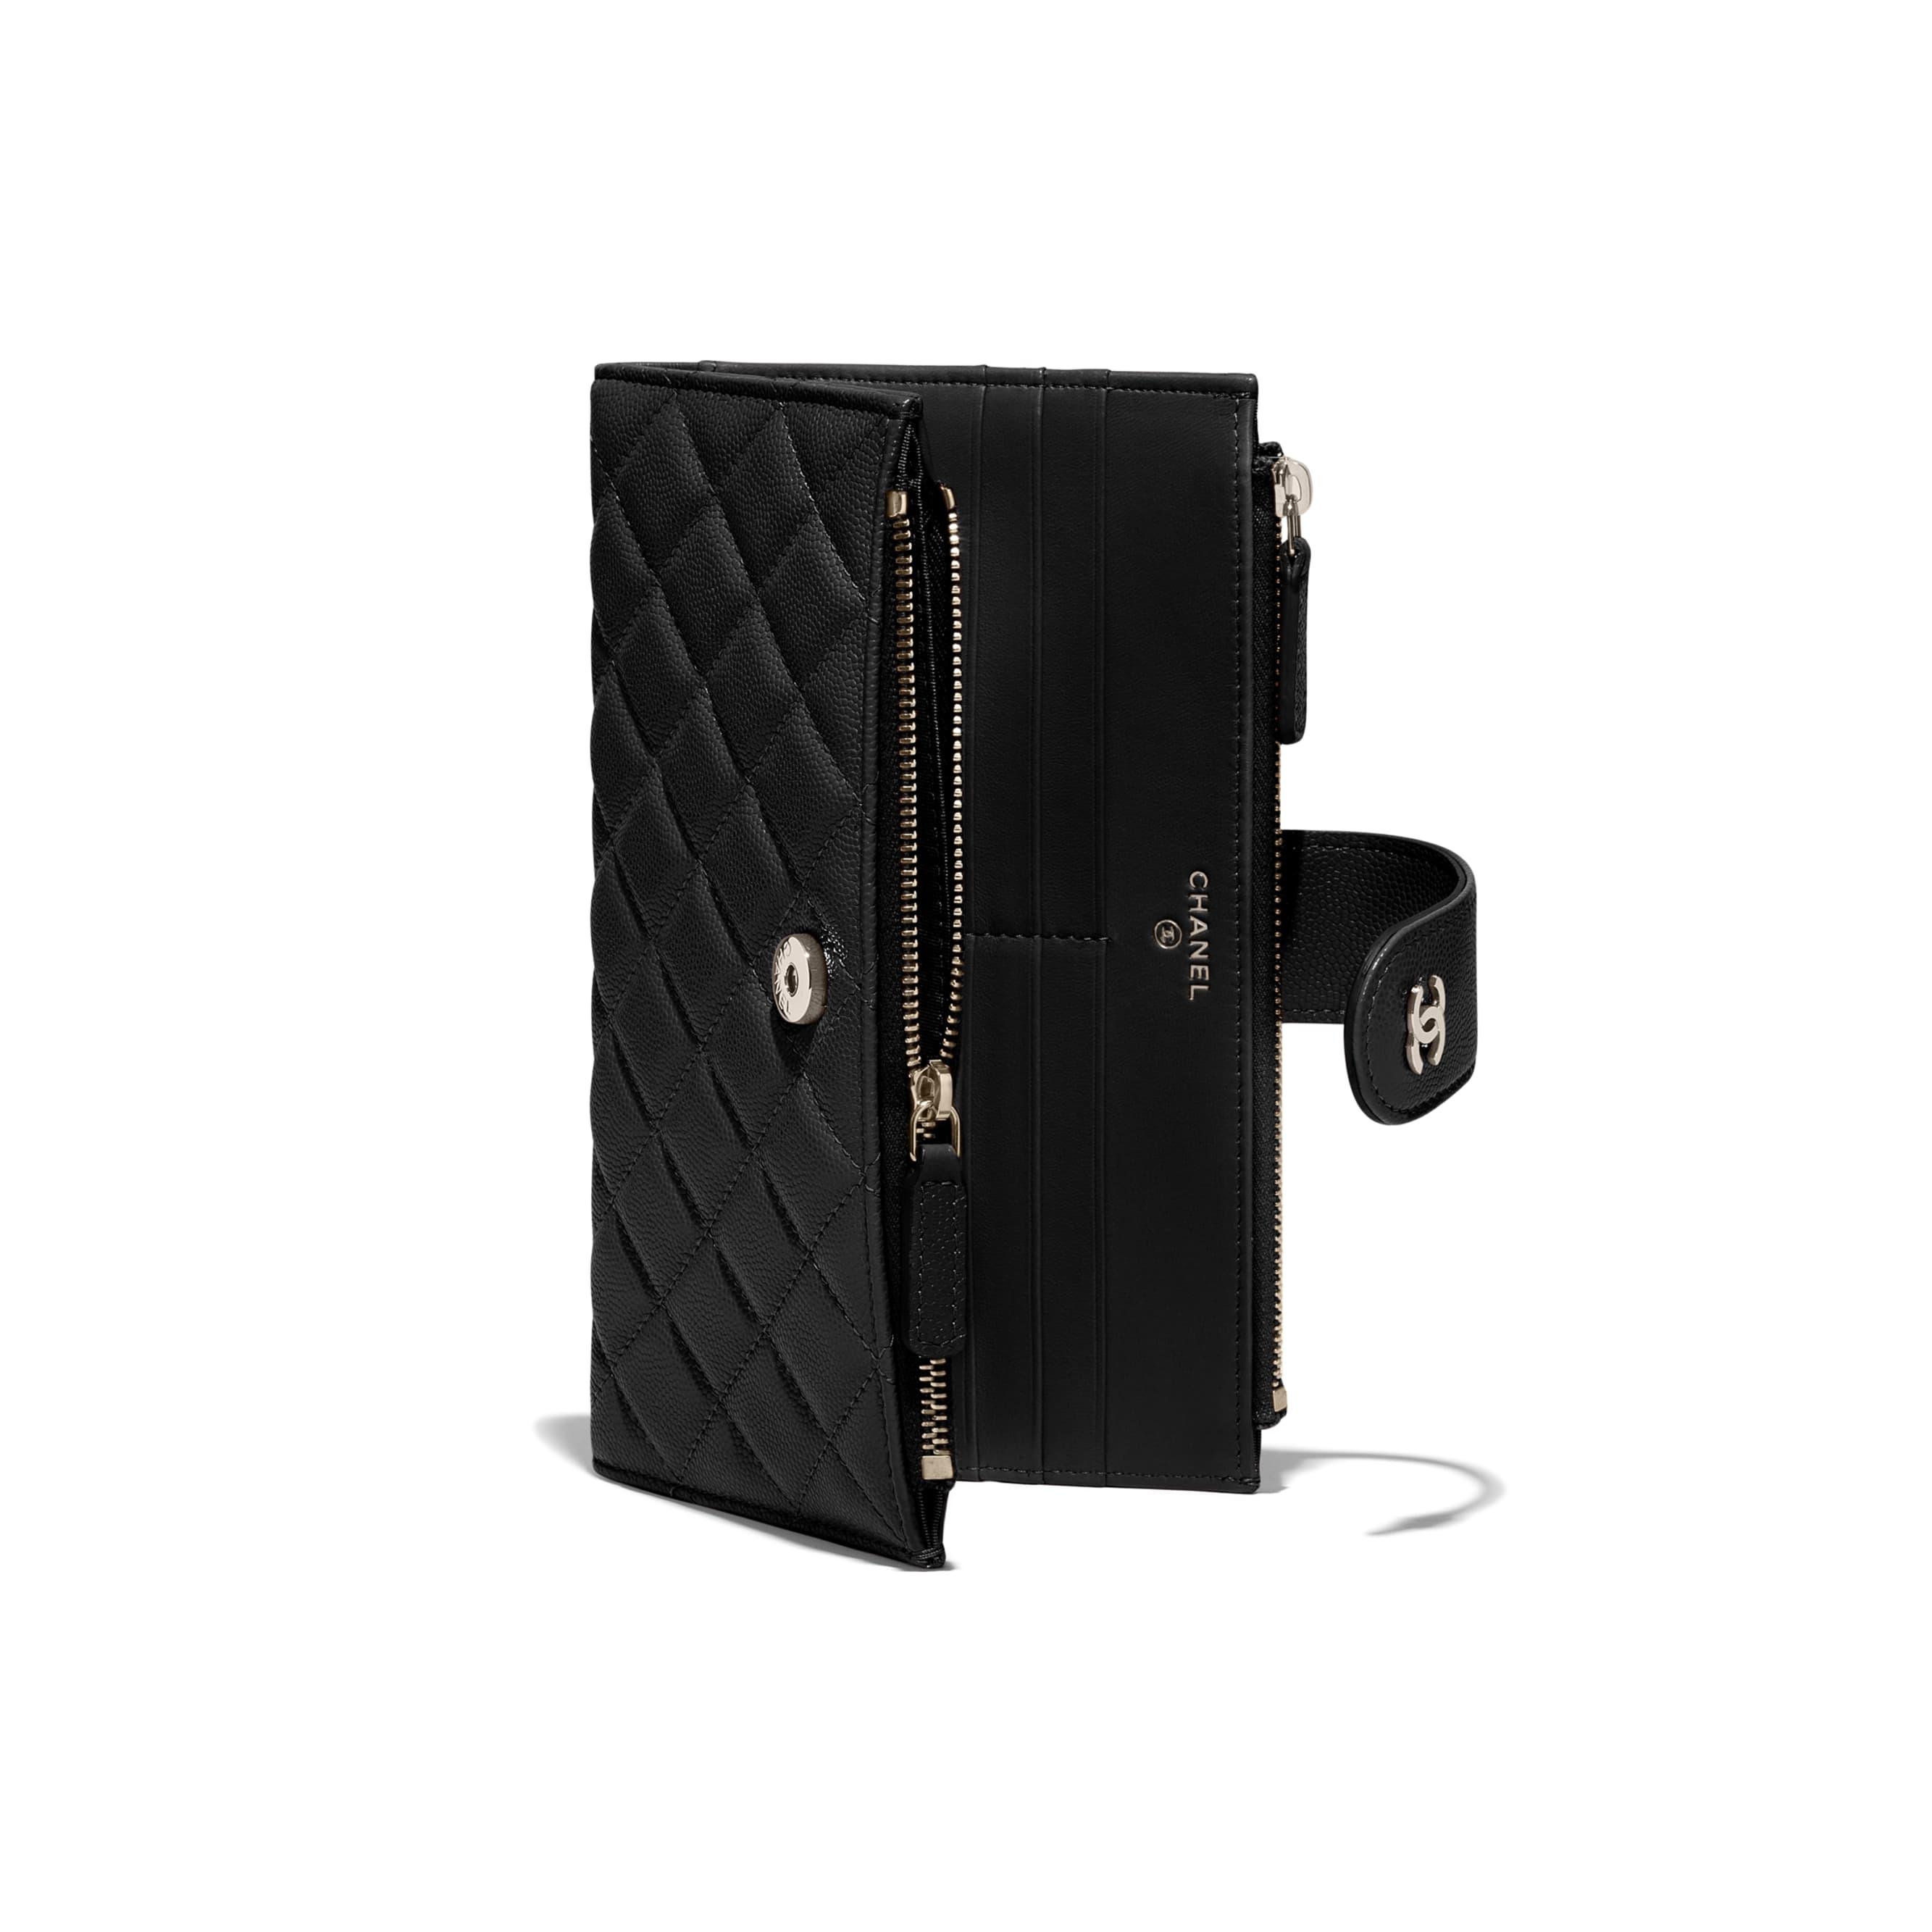 กระเป๋าสตางค์ตกแต่งซิปใบยาวทรงคลาสสิค - สีดำ - หนังลูกวัวแบบมีลายเคลือบเงา และโลหะสีทอง - CHANEL - มุมมองพิเศษ - ดูเวอร์ชันขนาดมาตรฐาน